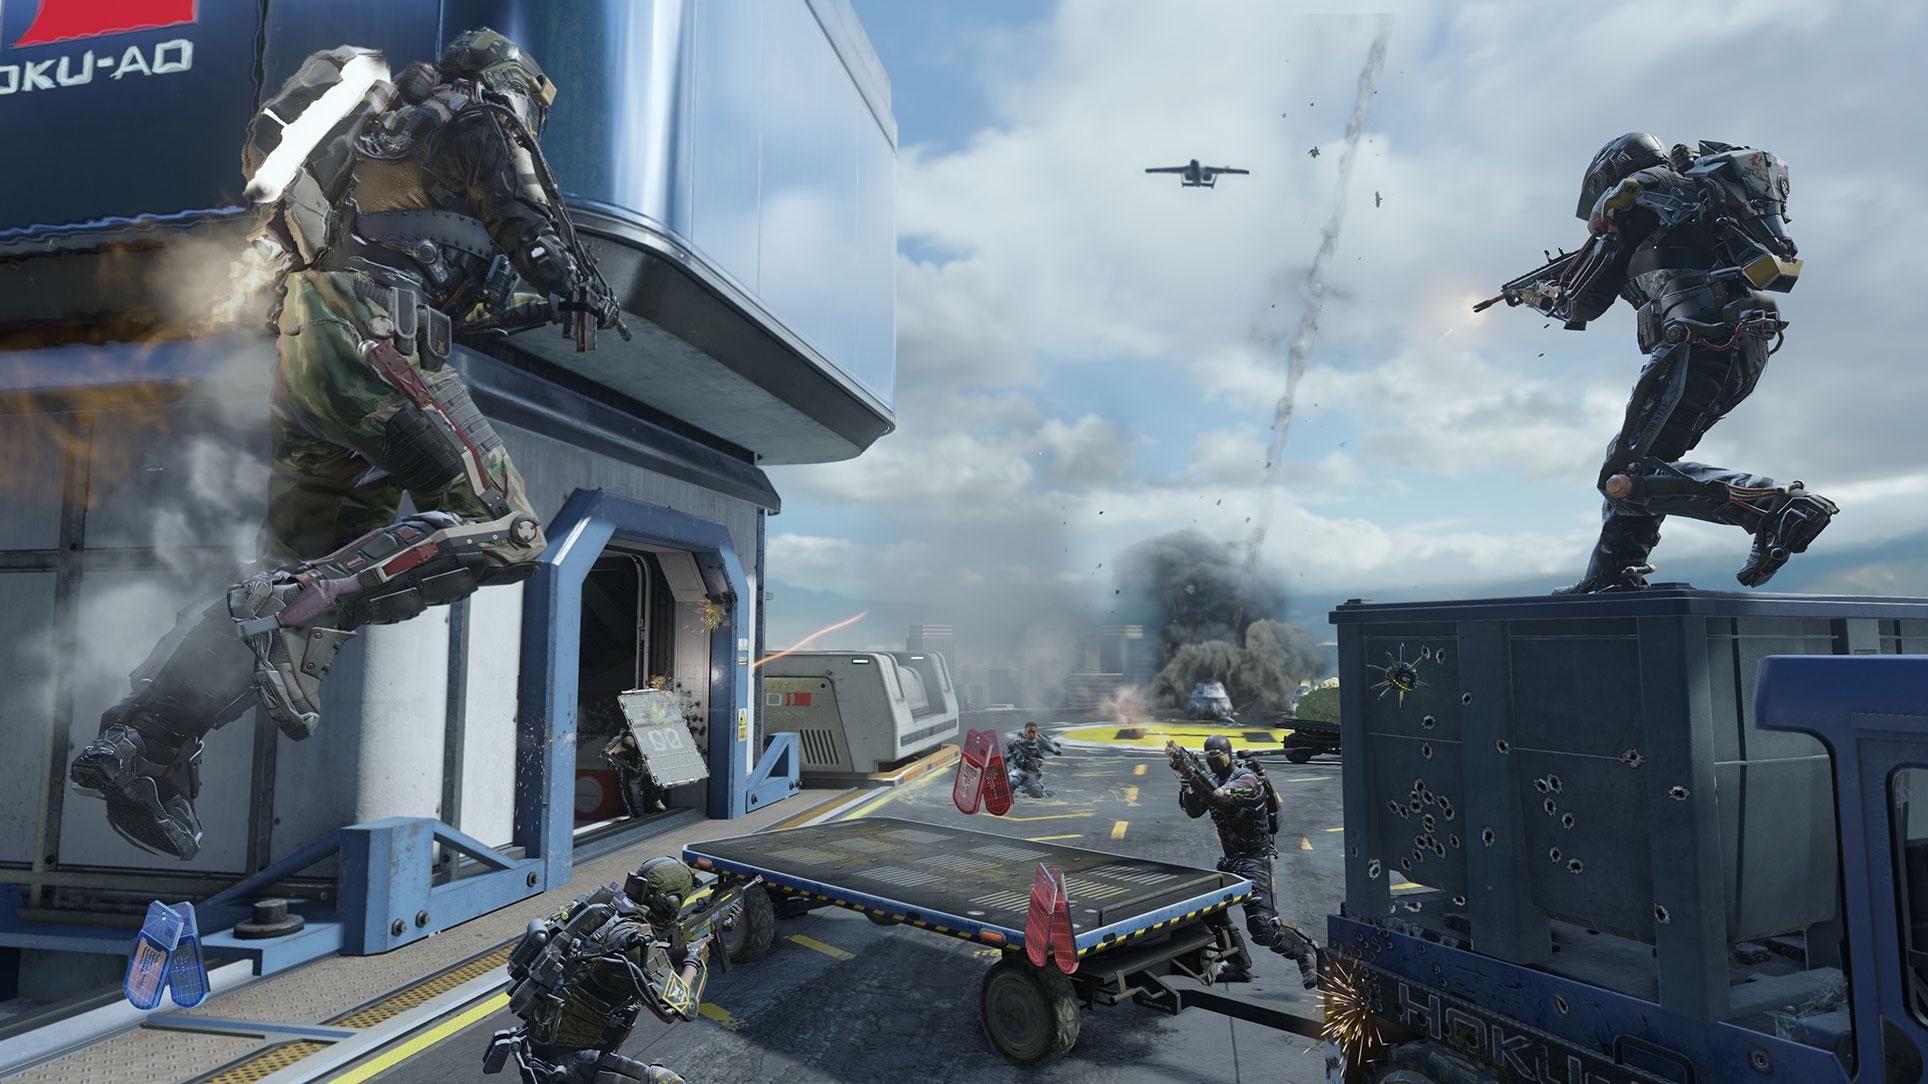 2014 wird es noch futuristischer: Der von einem virtuellen Kevin-Spacey-Abbild geleitete Rüstungs- und Söldner-Konzern Atlas will mit überlegener Militär-Technologie die Macht an sich reißen.